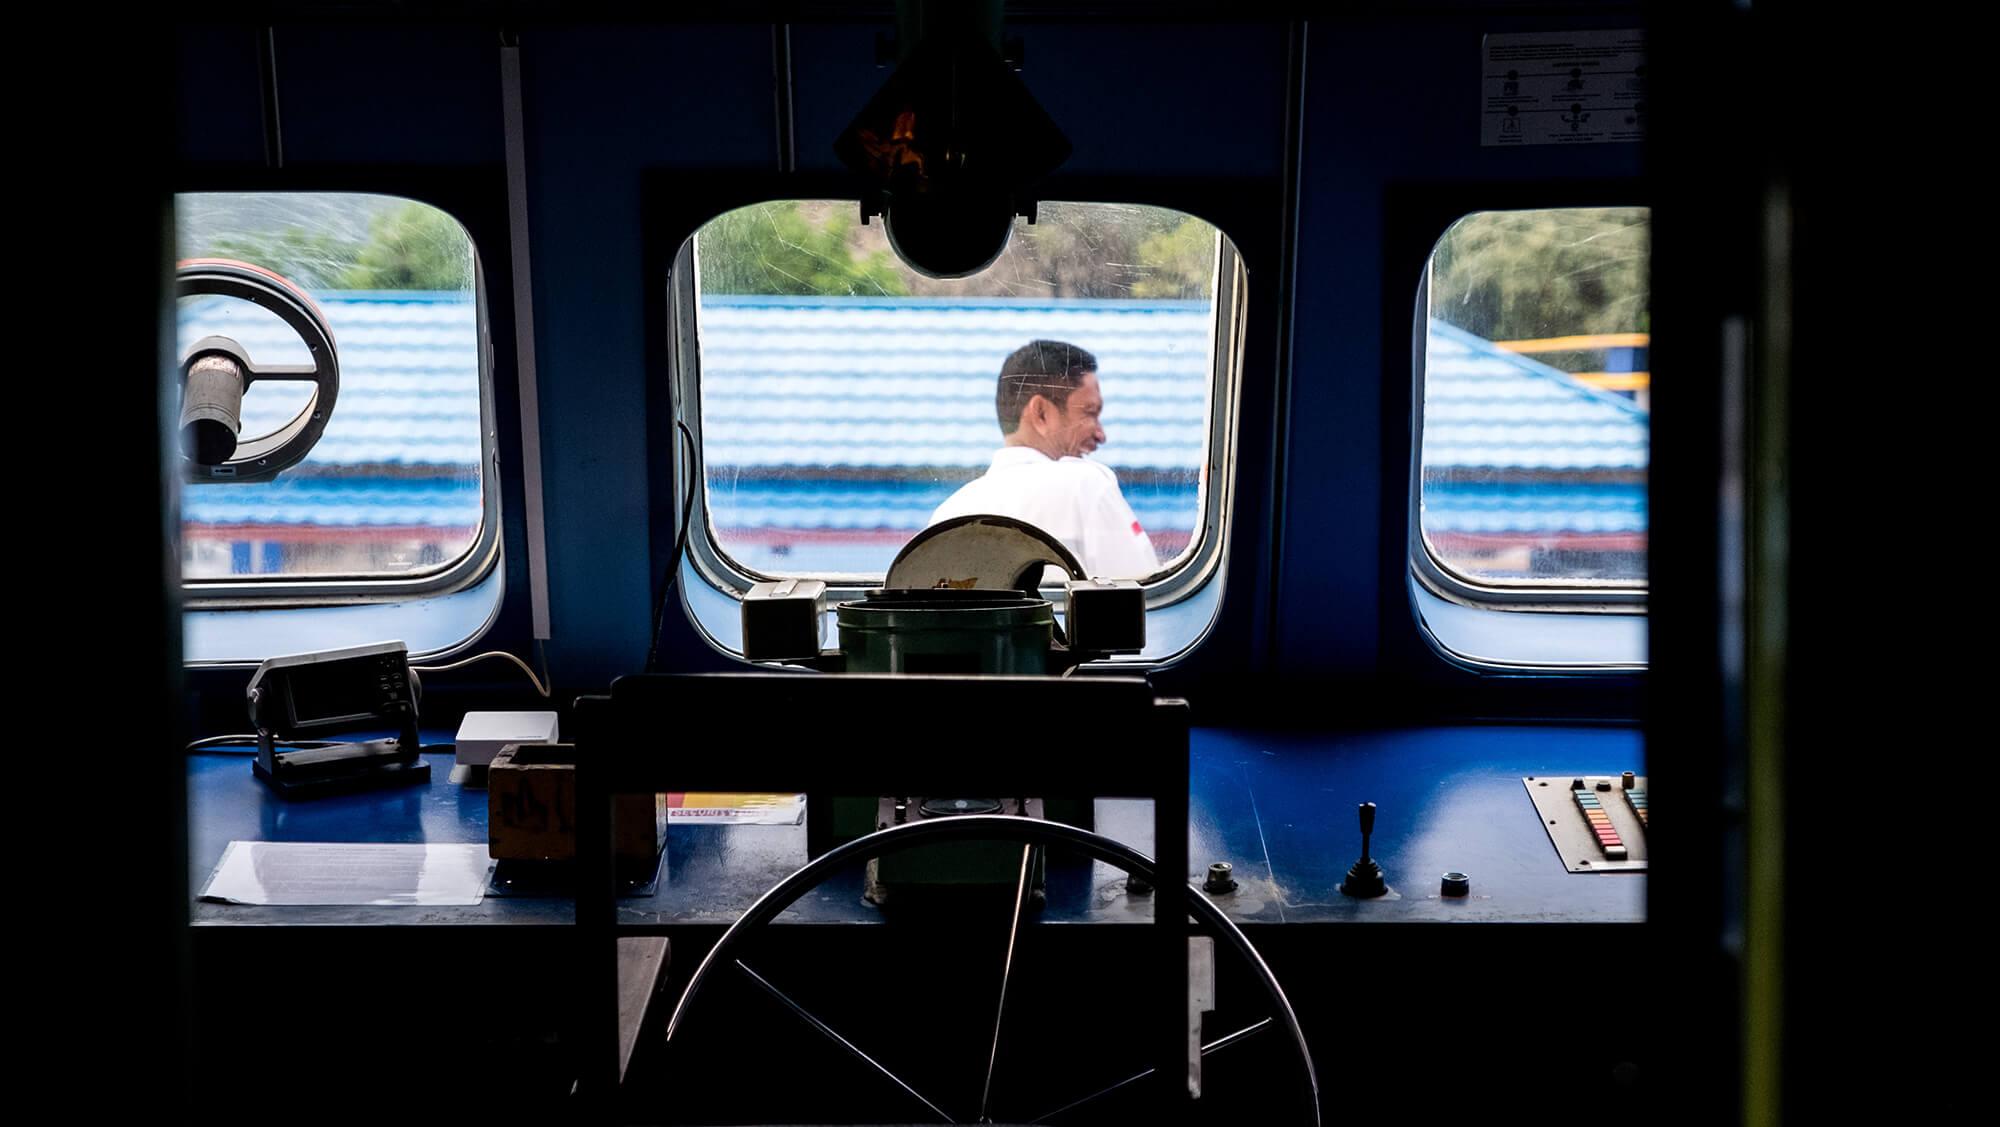 Puente de mandos del ferry entre las islas Togean y Gorontalo